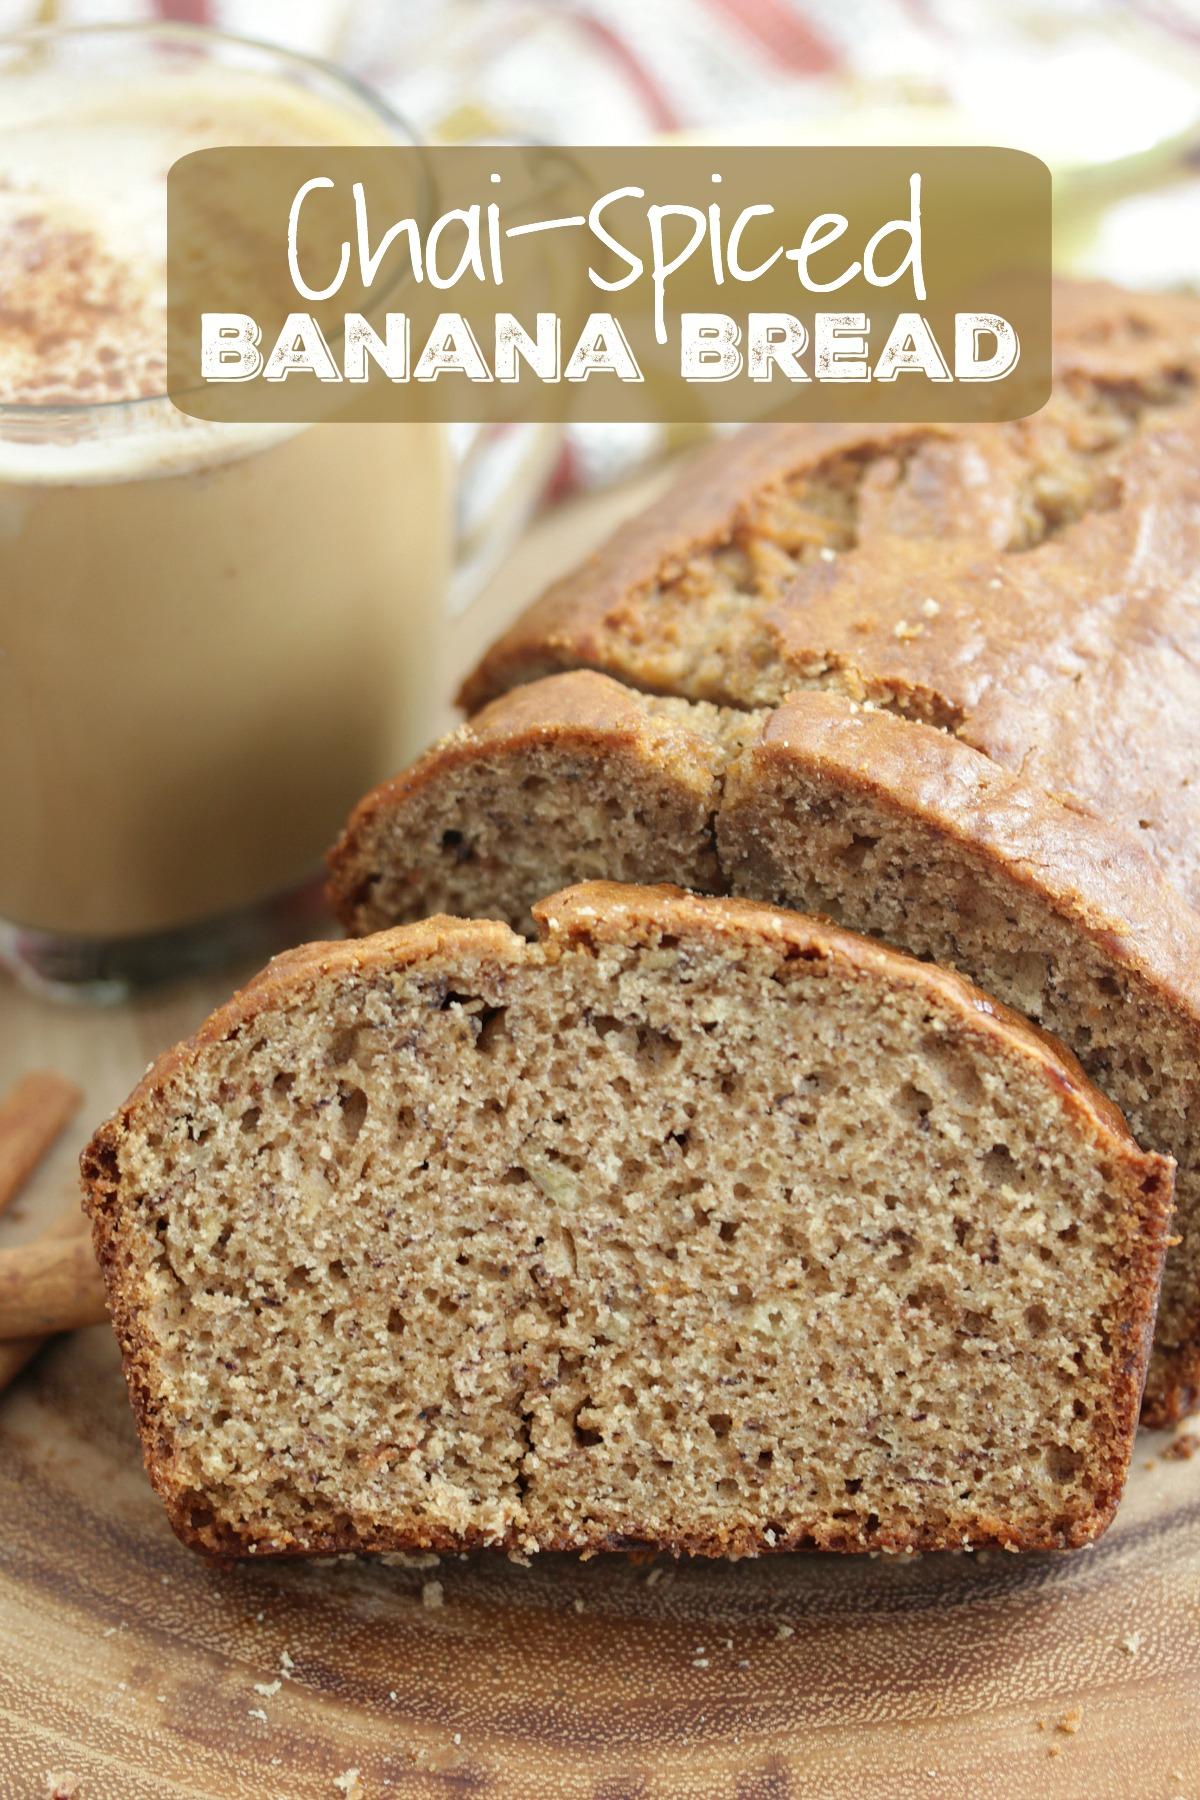 Chai-Spiced Banana Bread